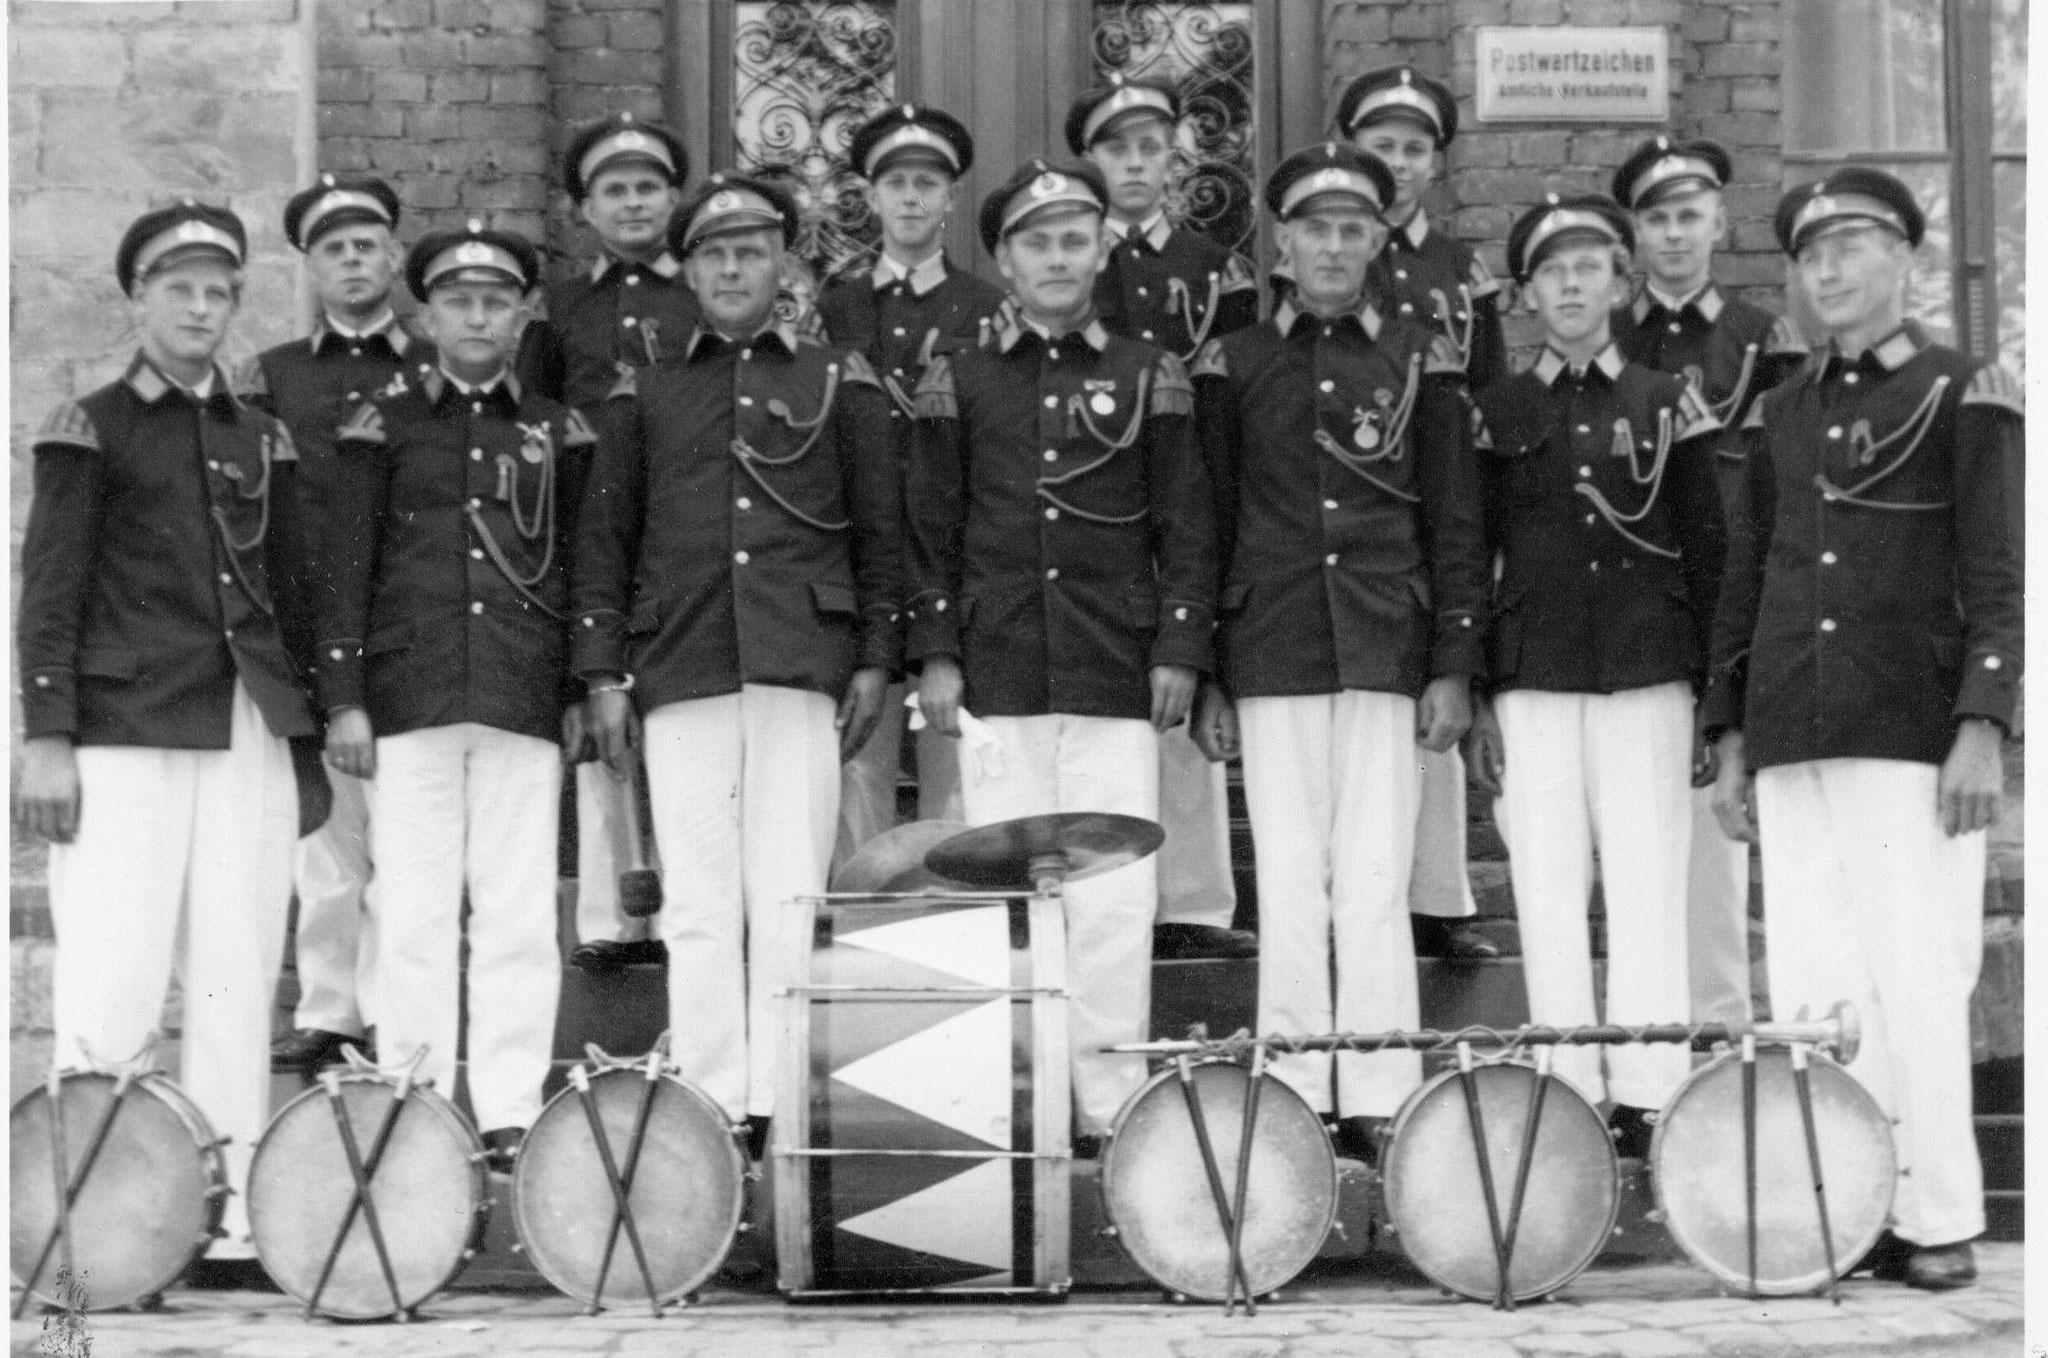 Tambourcorps Einigkeit in den 60er Jahre